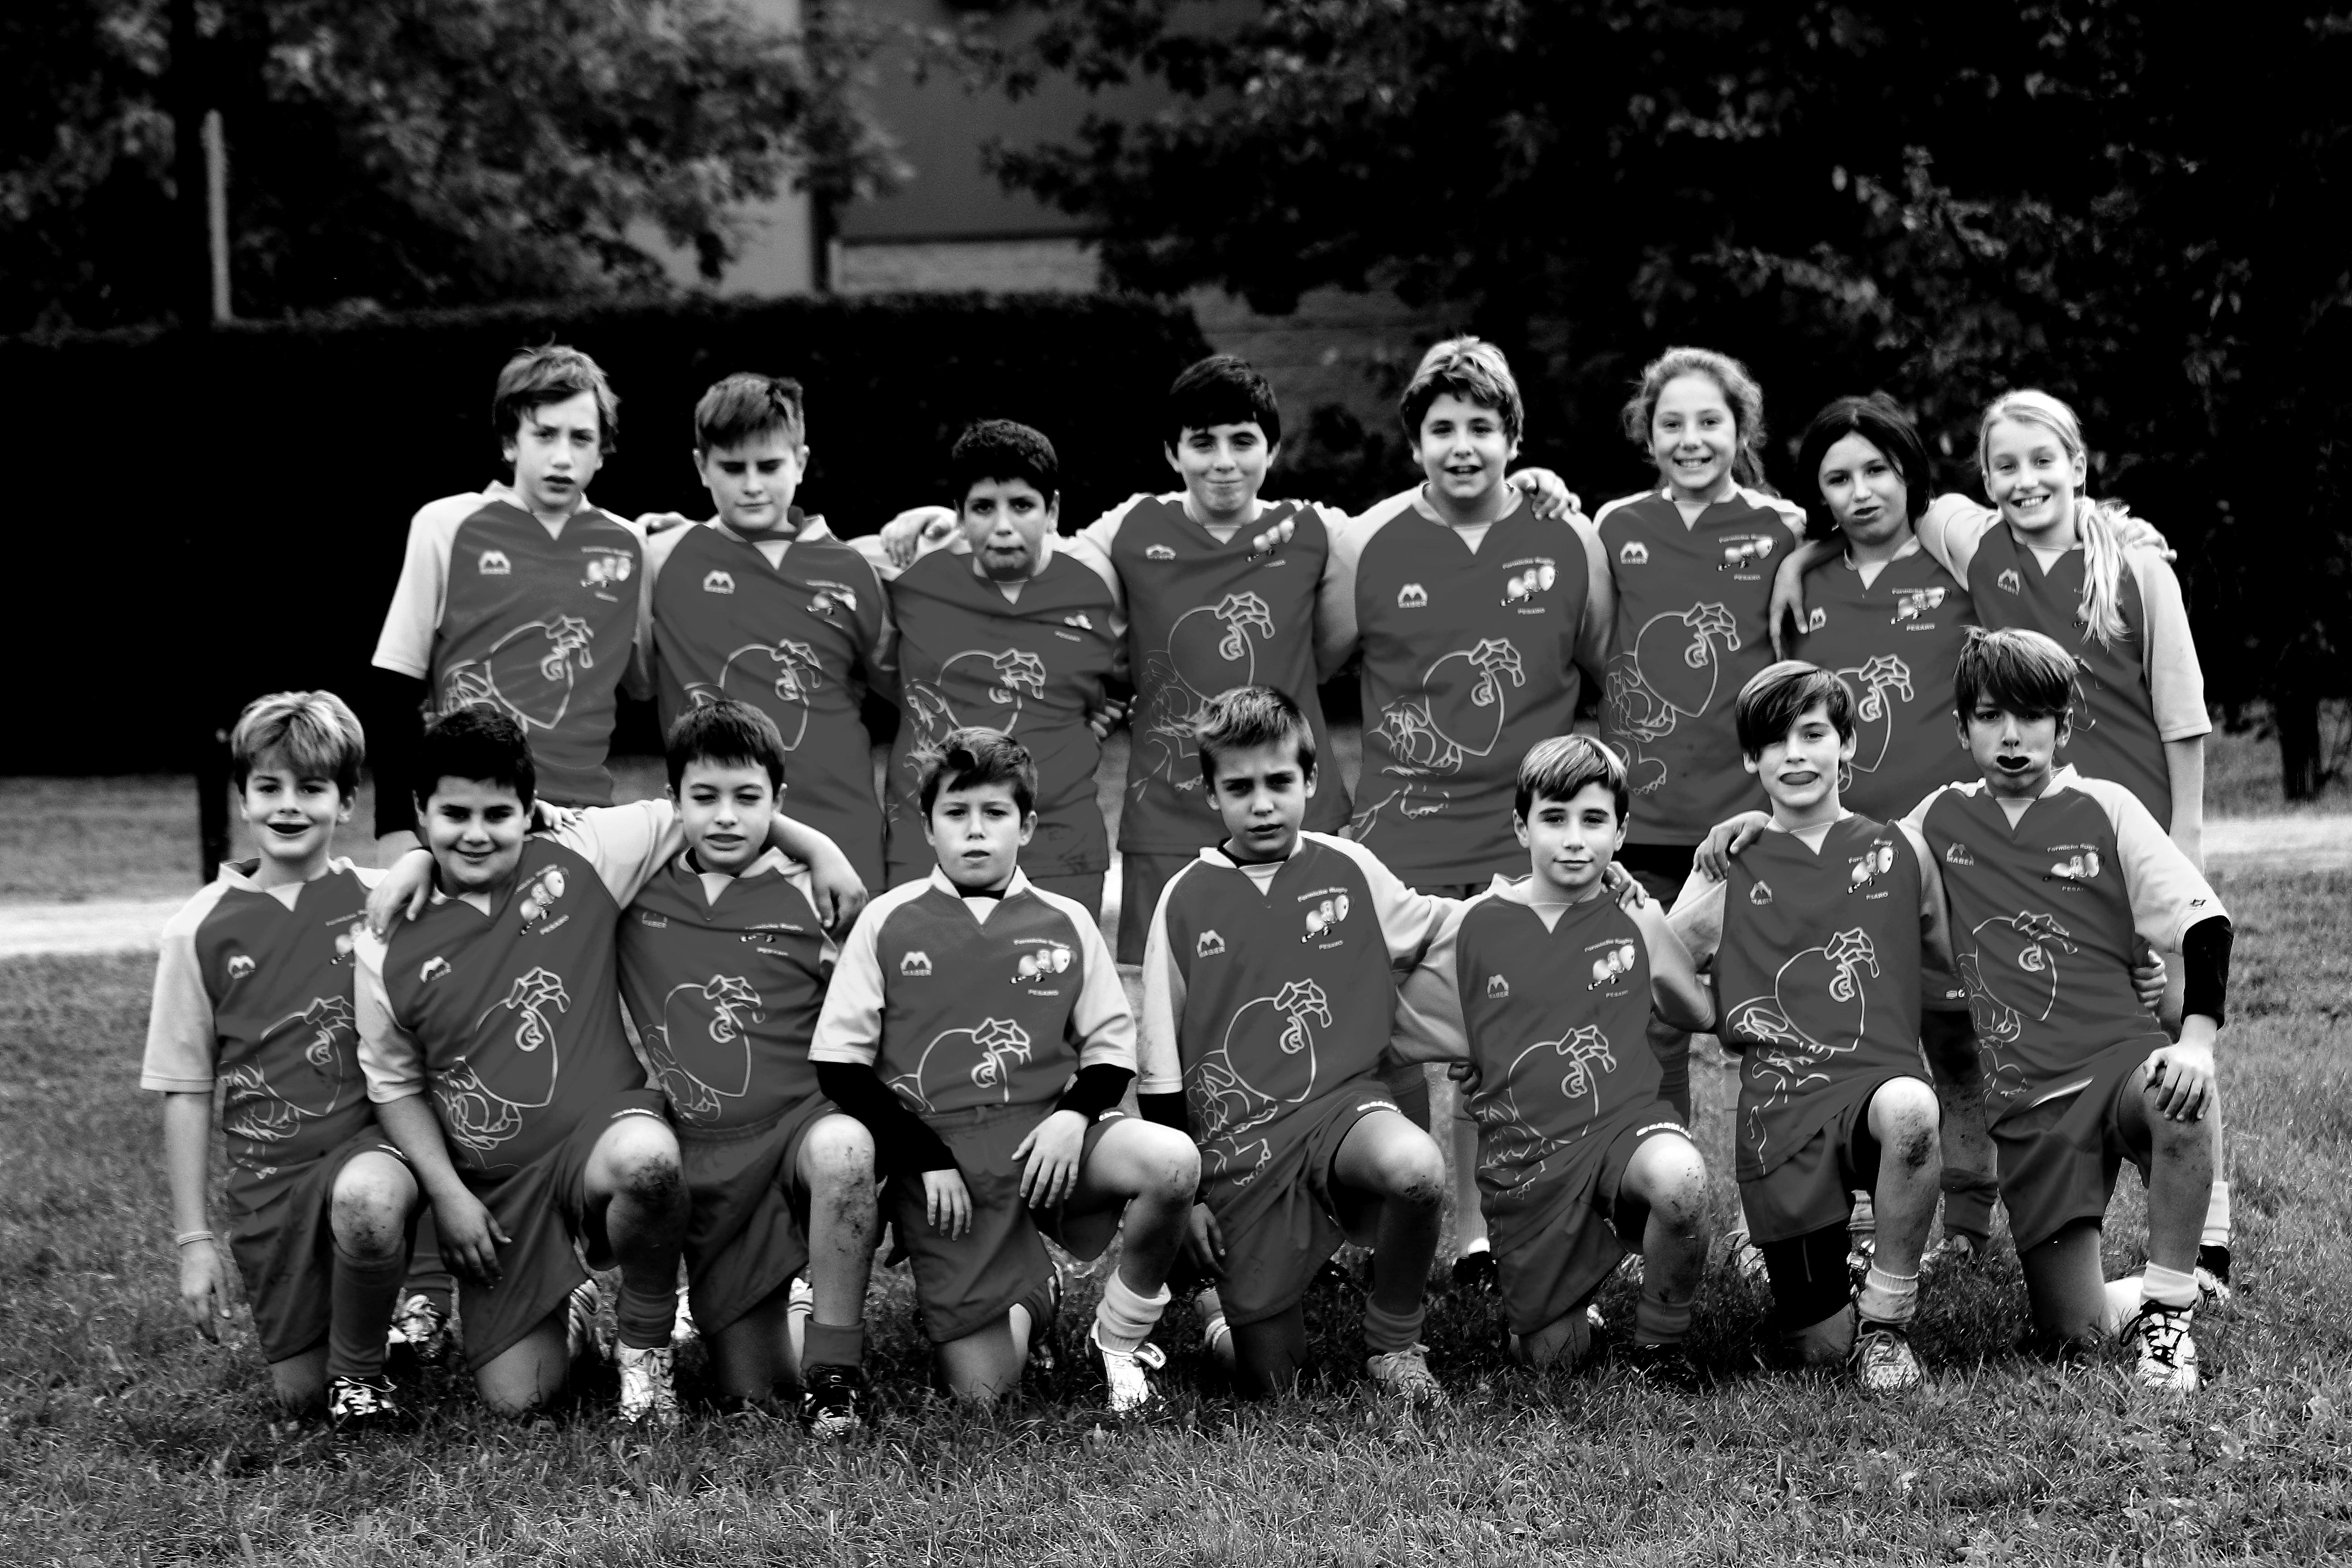 Calendario Tornei Minirugby 2020.Minirugby Formiche Rugby Pesaro